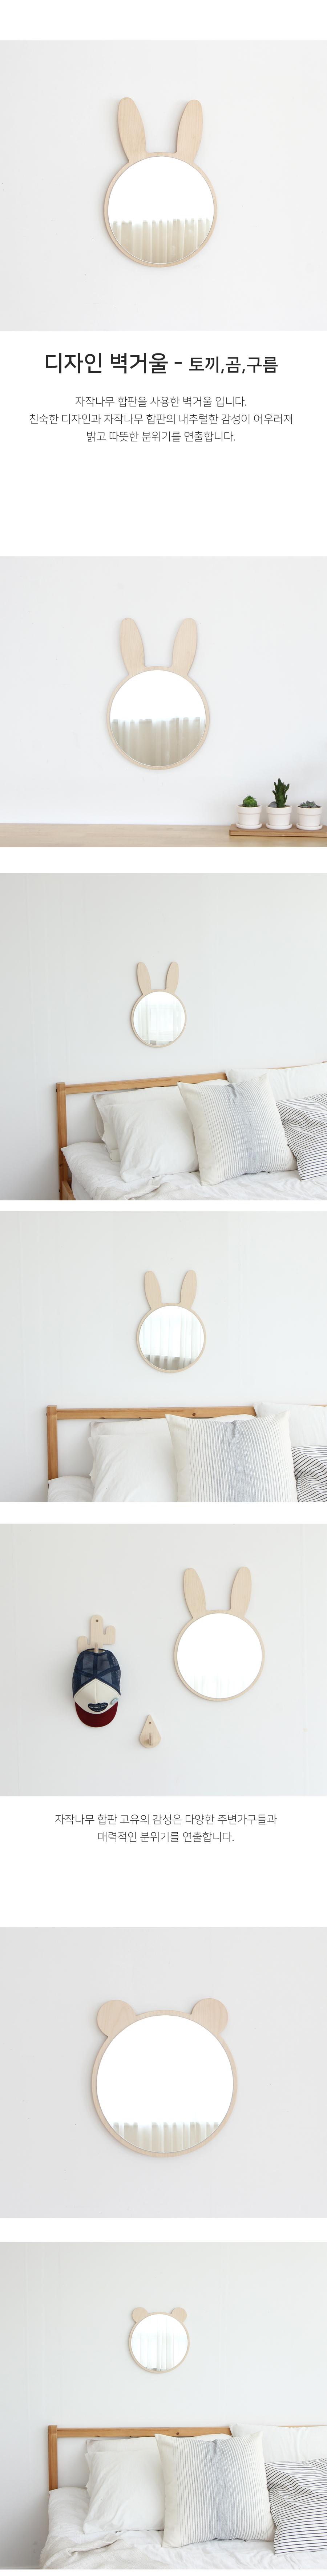 아이방 거울-토끼,곰,구름 - 어썸프레임, 42,000원, 거울, 벽걸이거울